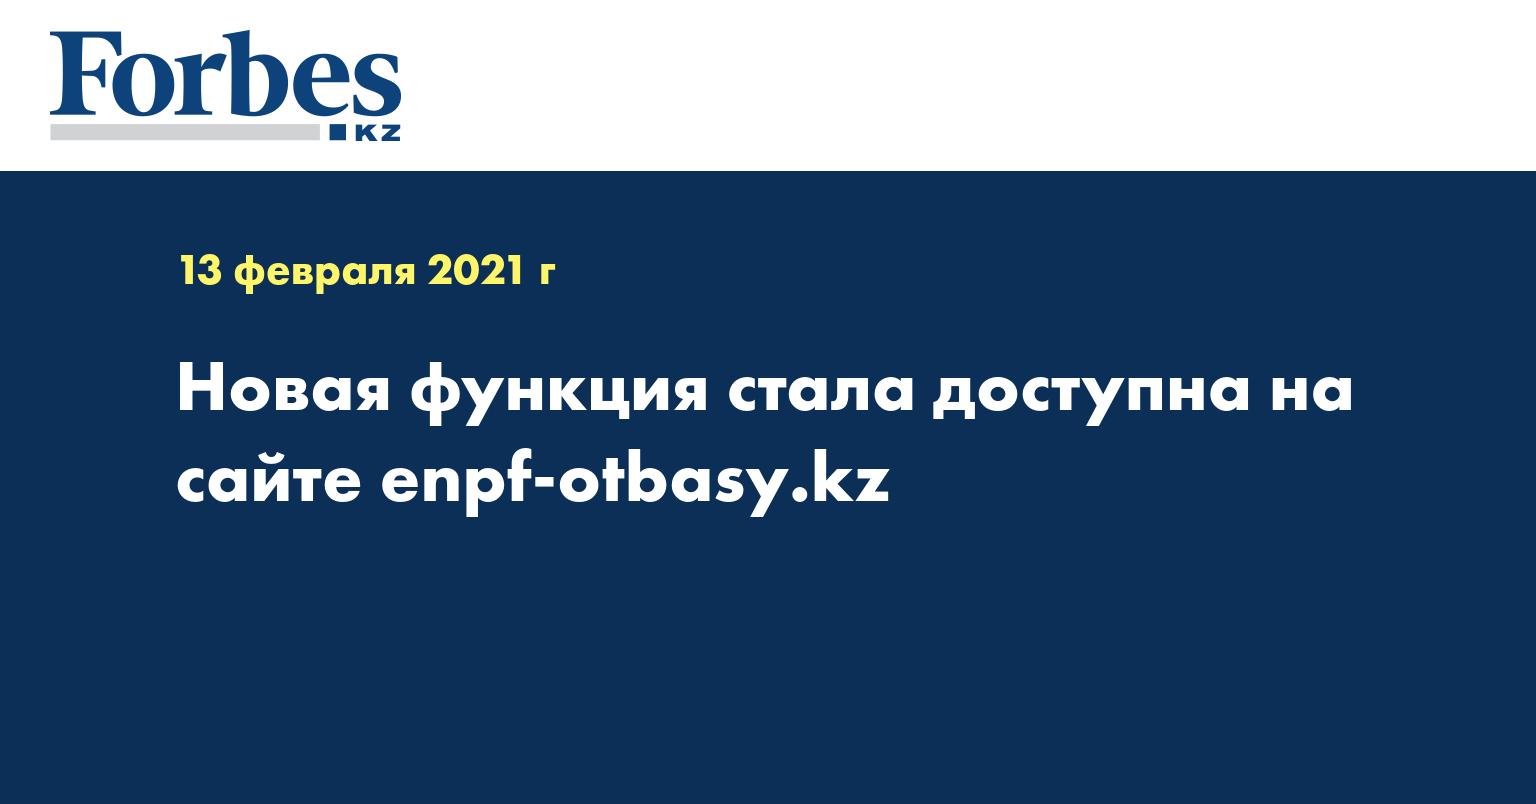 Новая функция стала доступна на сайте enpf-otbasy.kz